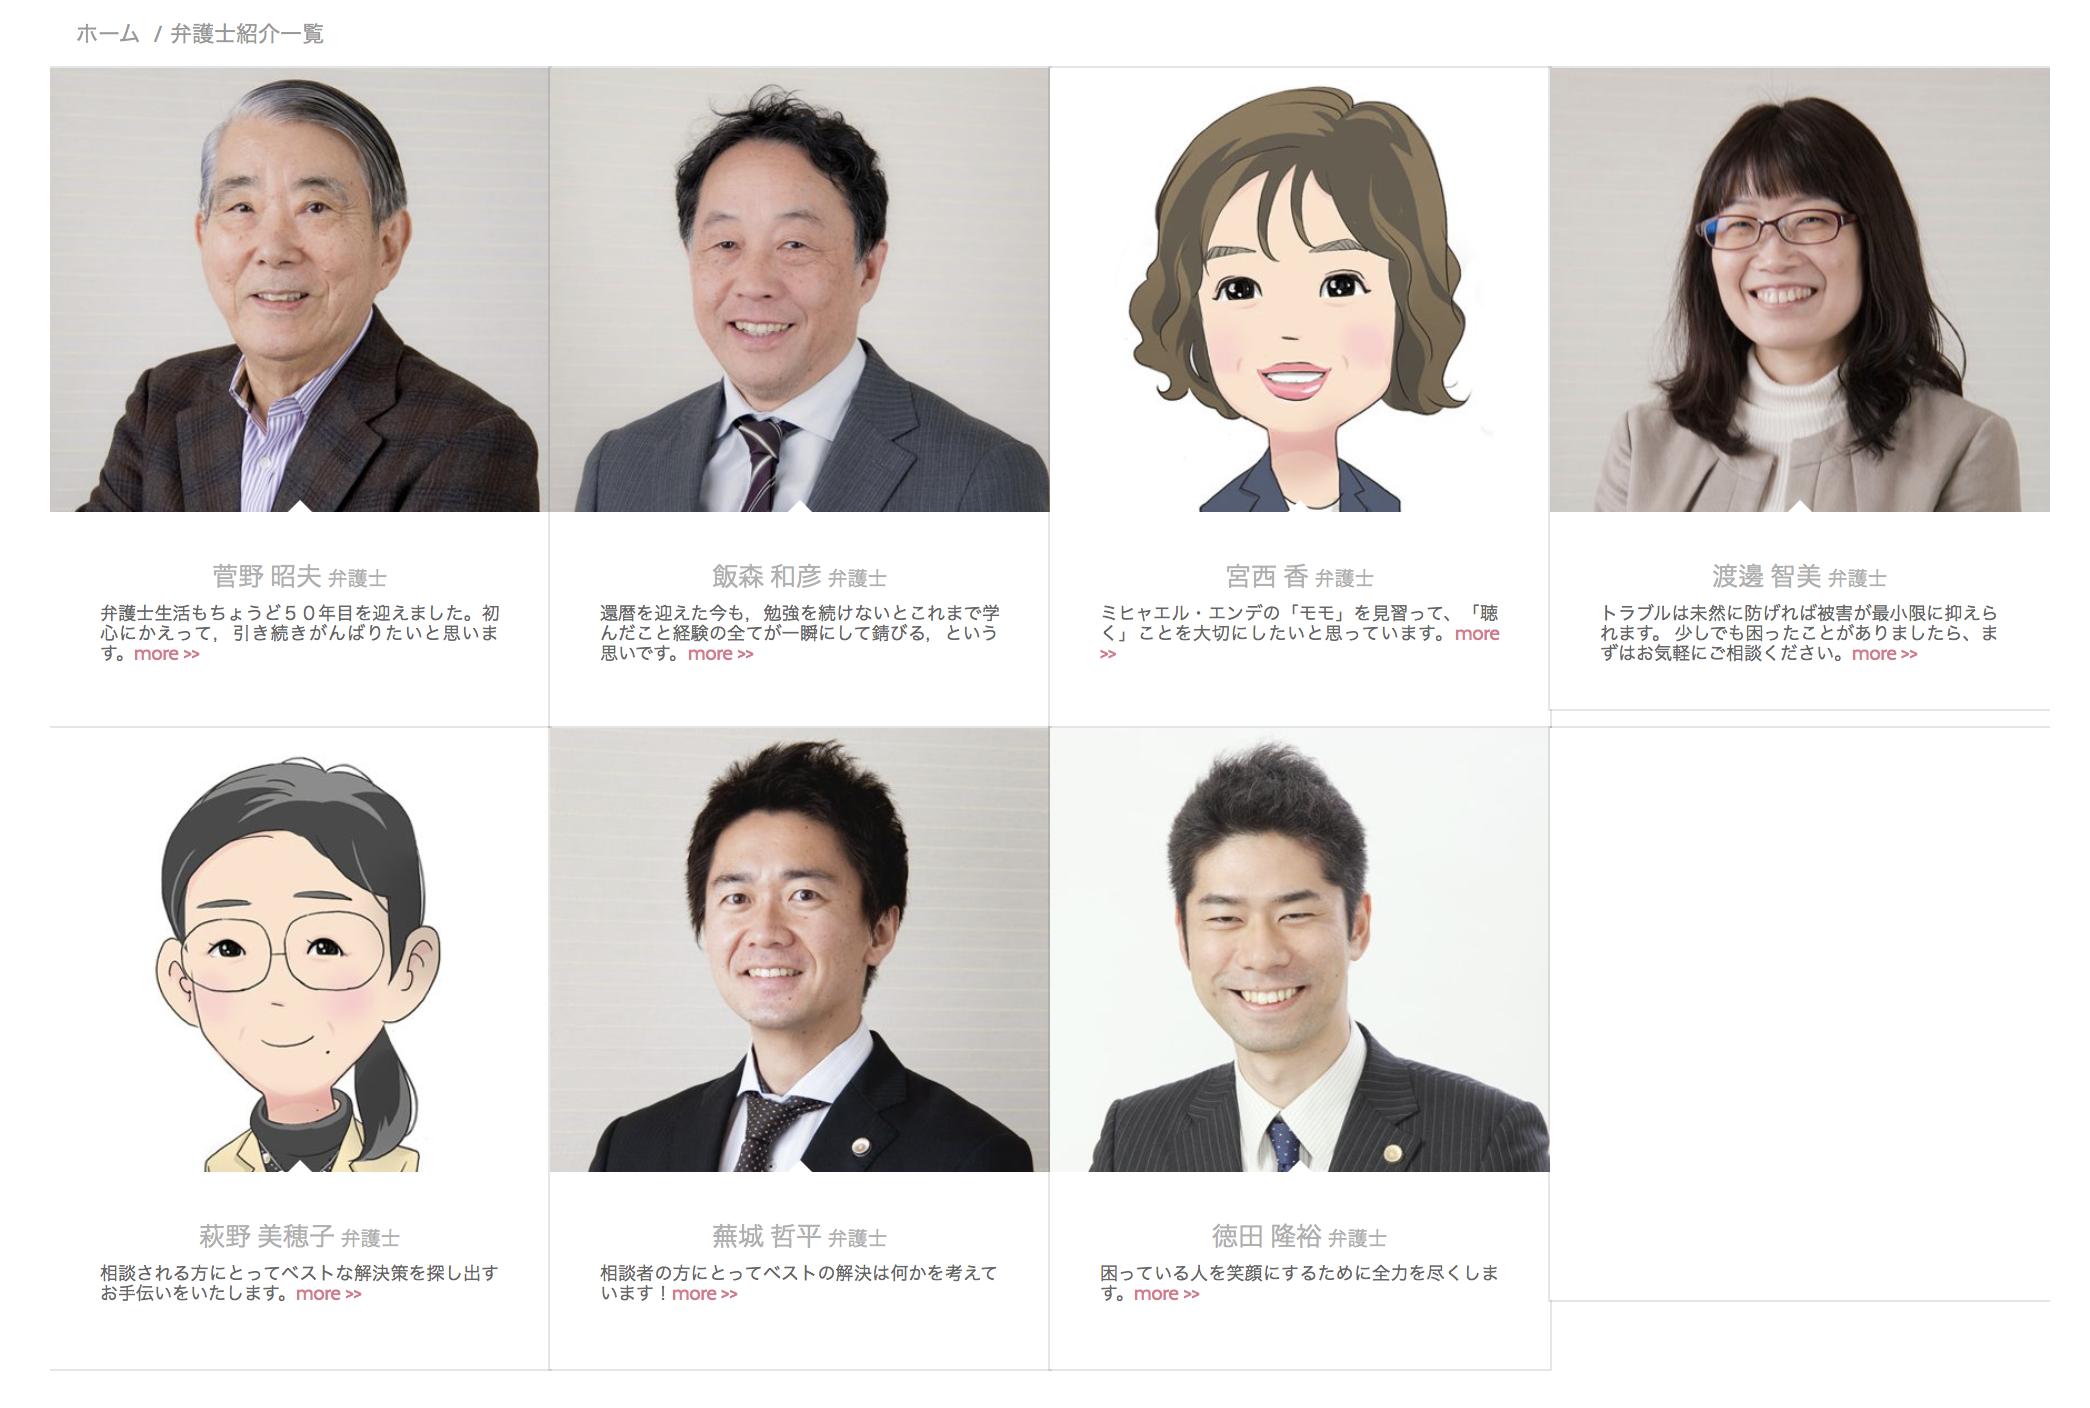 退職代行「金沢合同法律事務所」に所属する弁護士